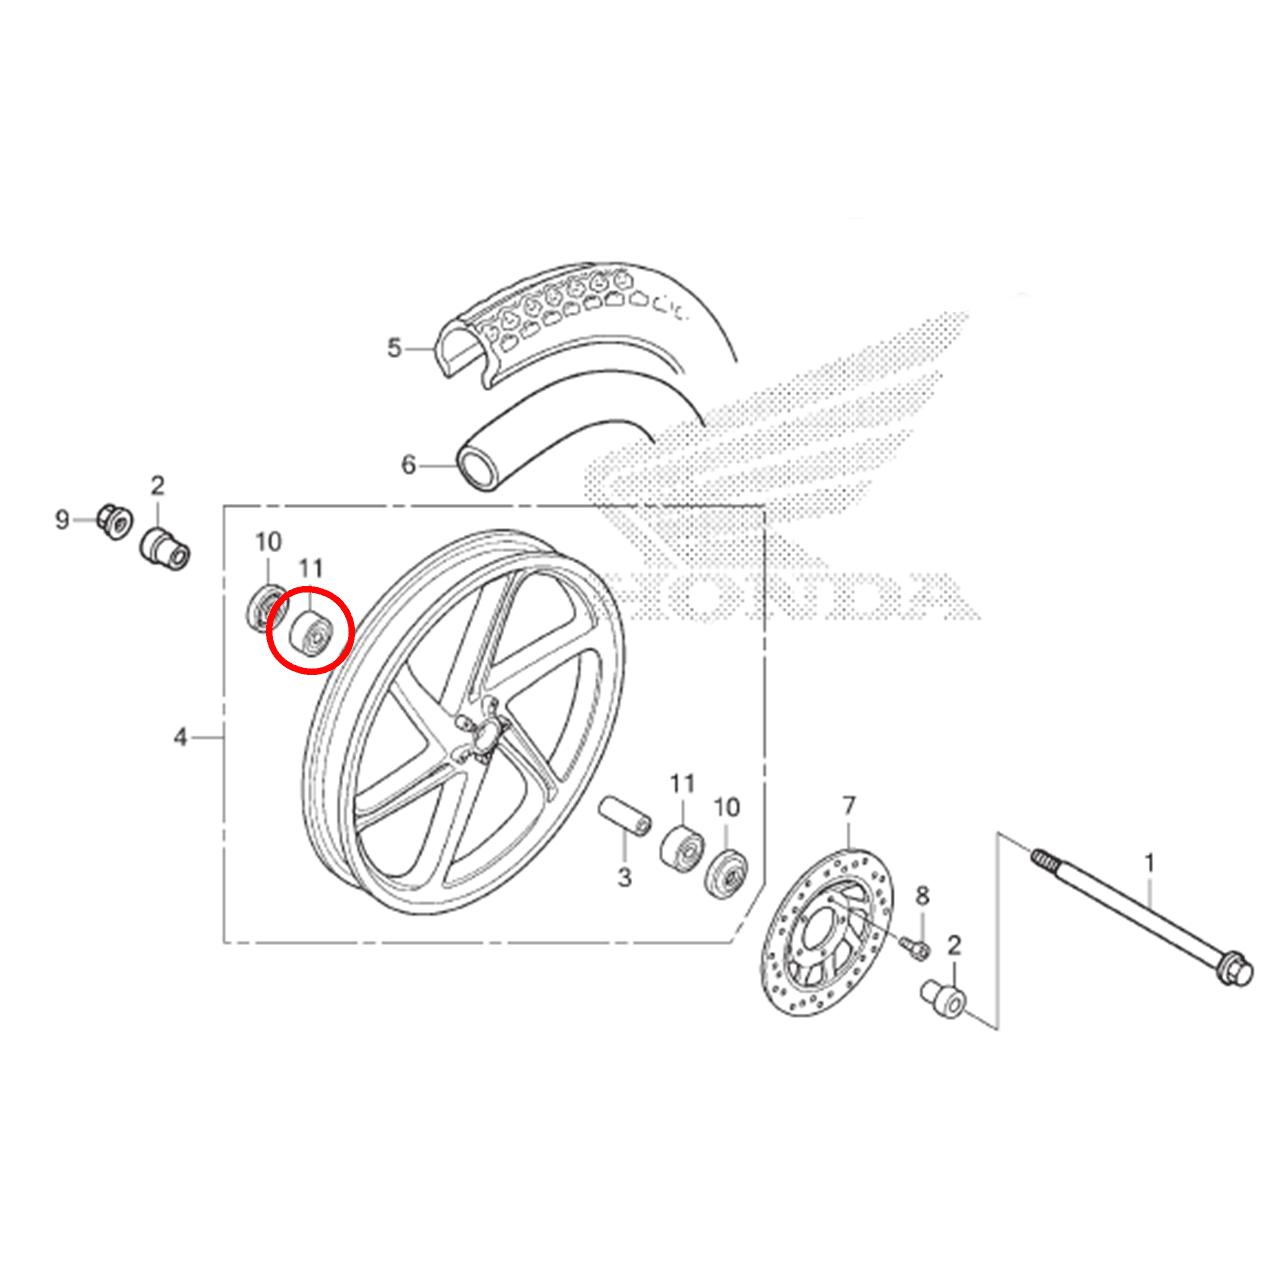 Rolamento Roda Dianteira Biz 125 2011 2012 2013 2014 2015 Original Homda 961506301010